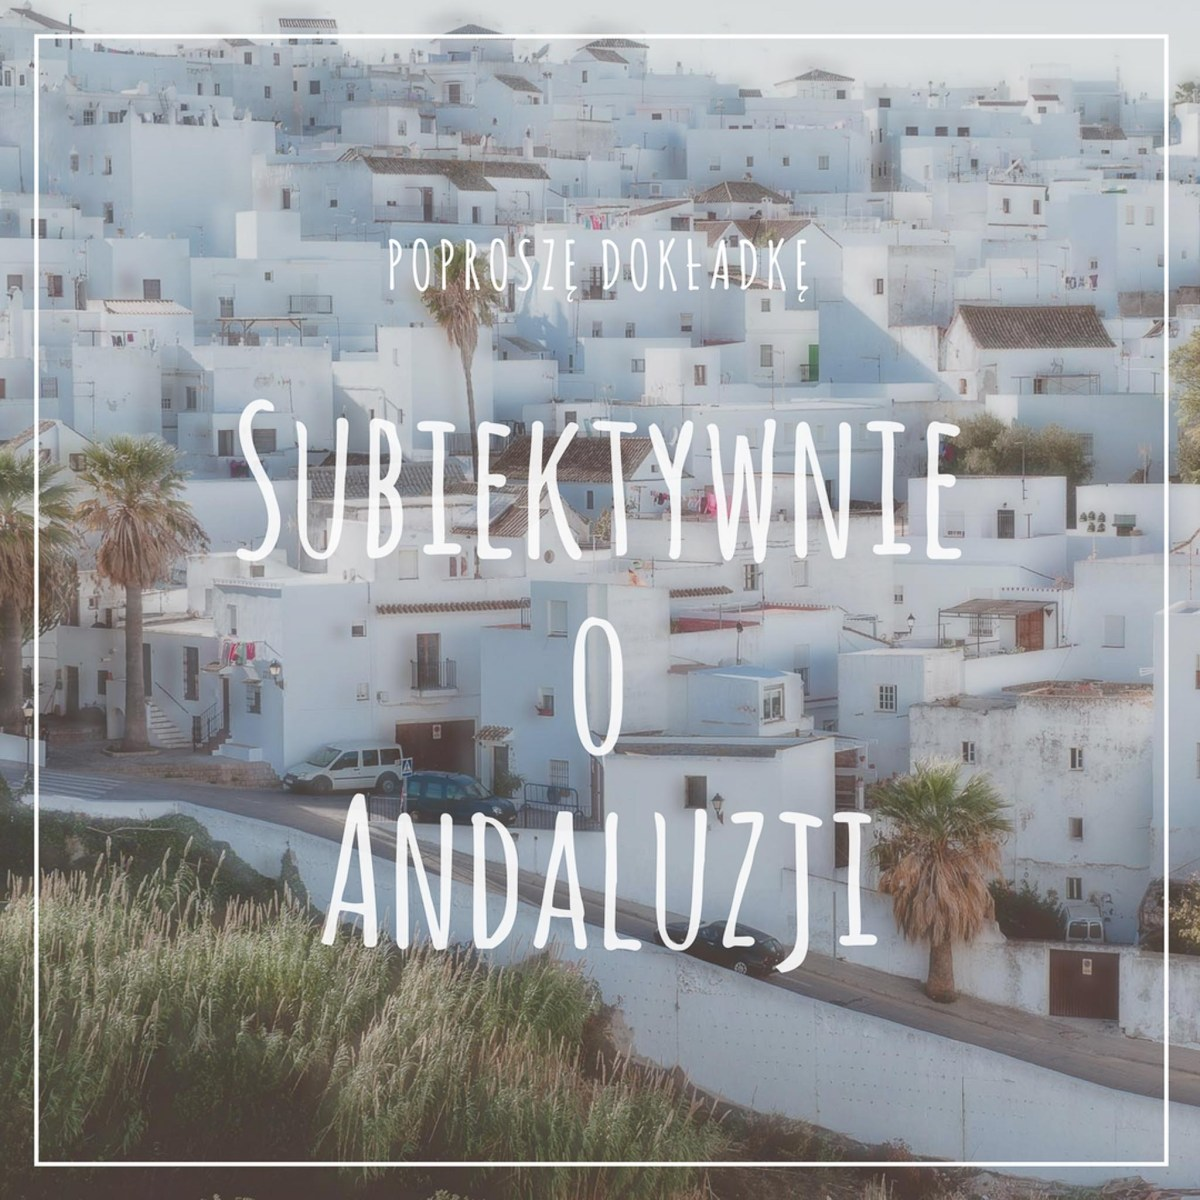 Plusy i minusy mieszkania w hiszpańskiej Andaluzji / Subiektywnie o Andaluzji